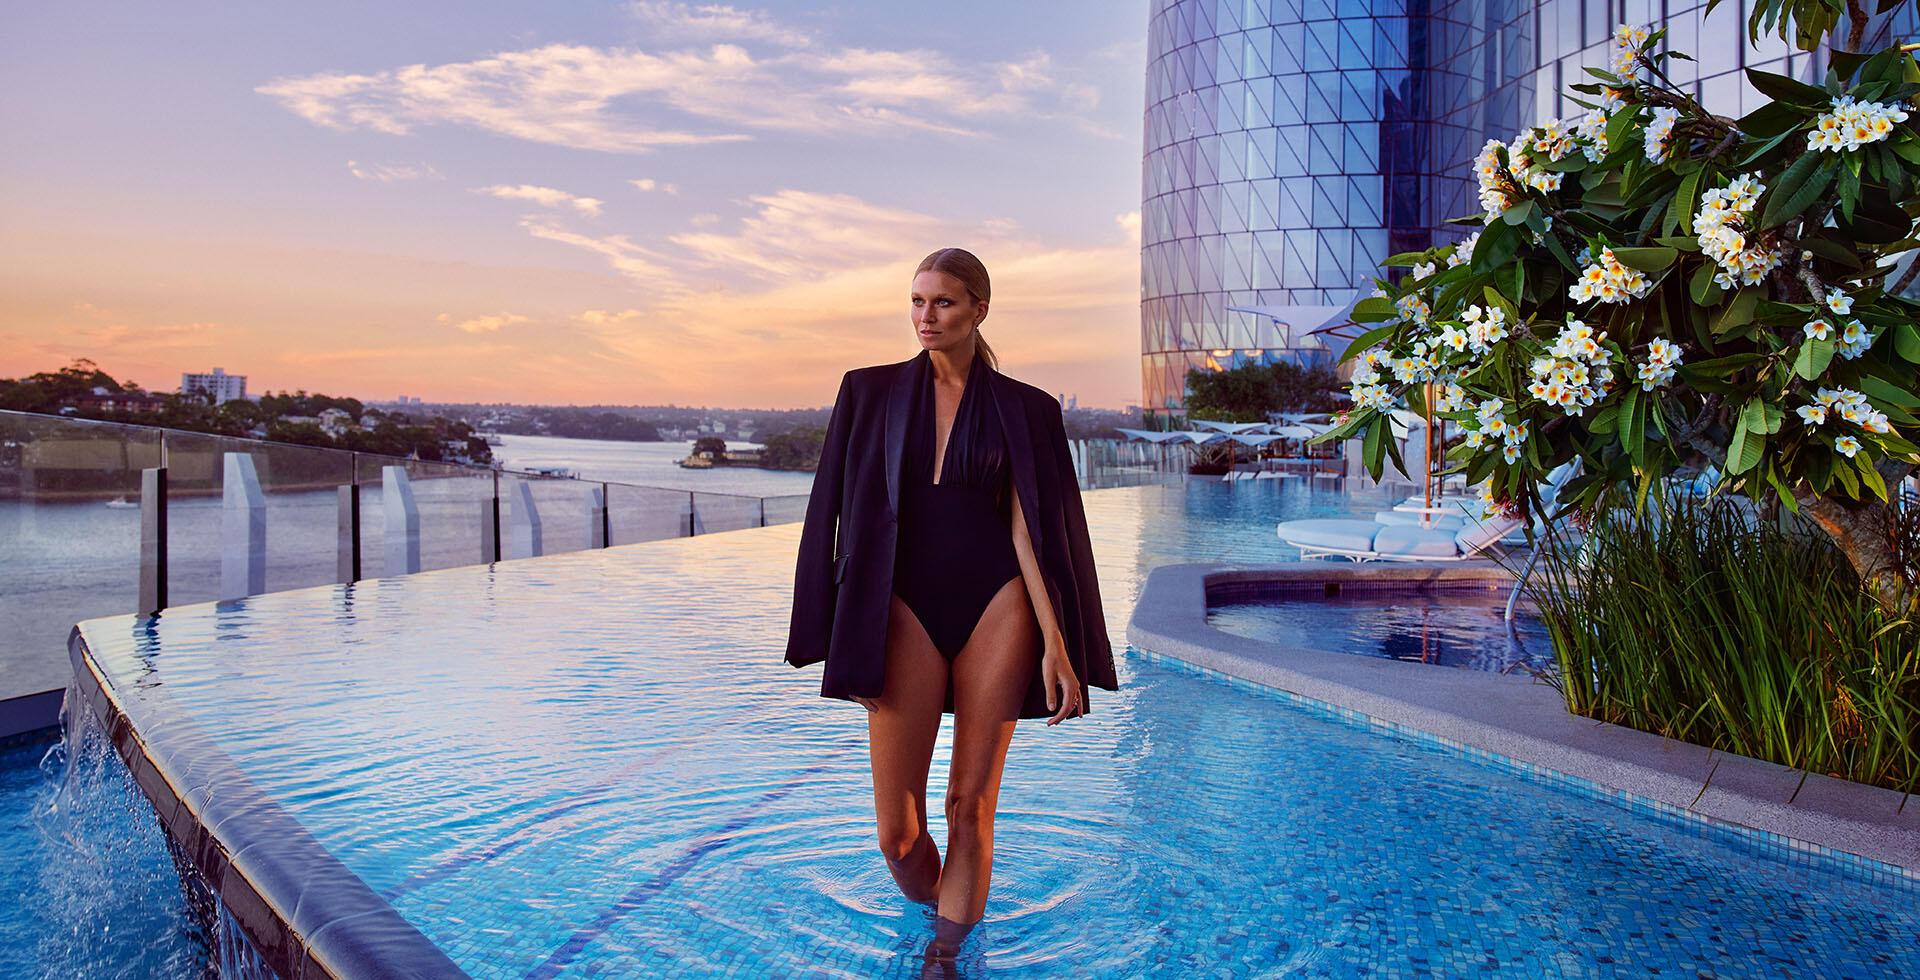 Woman enjoying time at Crown Hotels